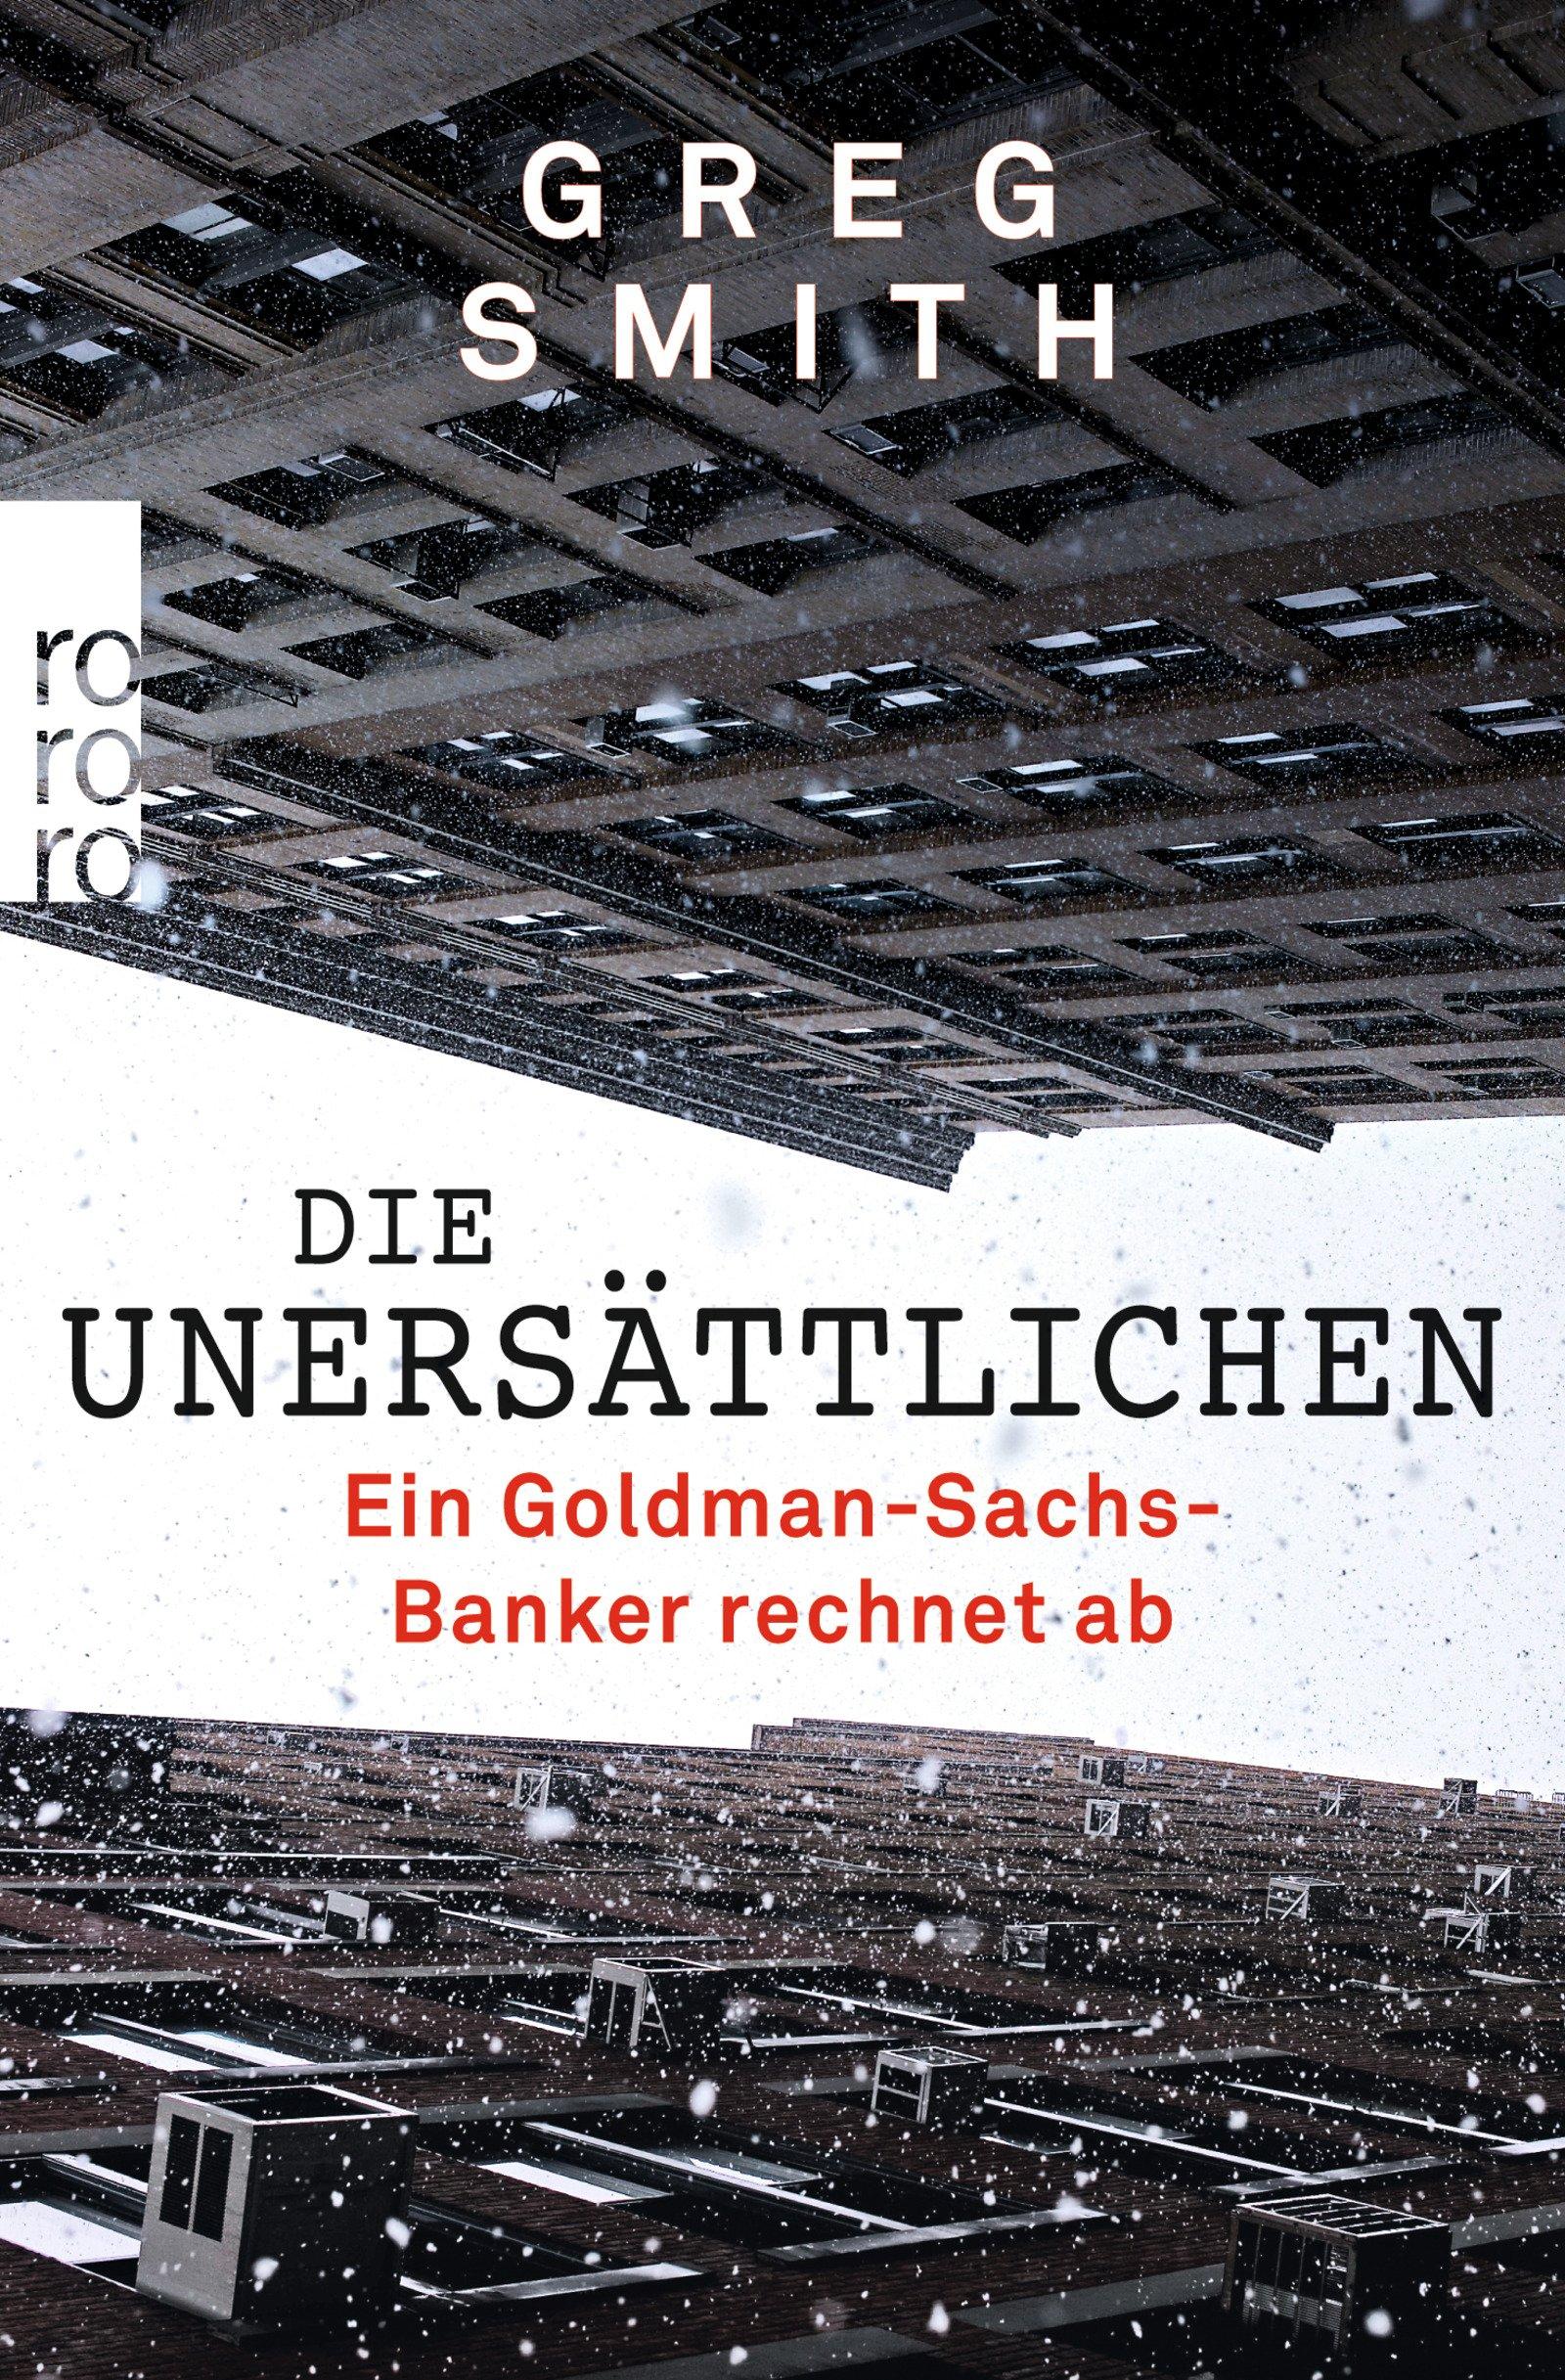 Die Unersättlichen: Ein Goldman-Sachs-Banker rechnet ab Taschenbuch – 1. Februar 2014 Greg Smith Petra Pyka Christoph Bausum Thorsten Schmidt